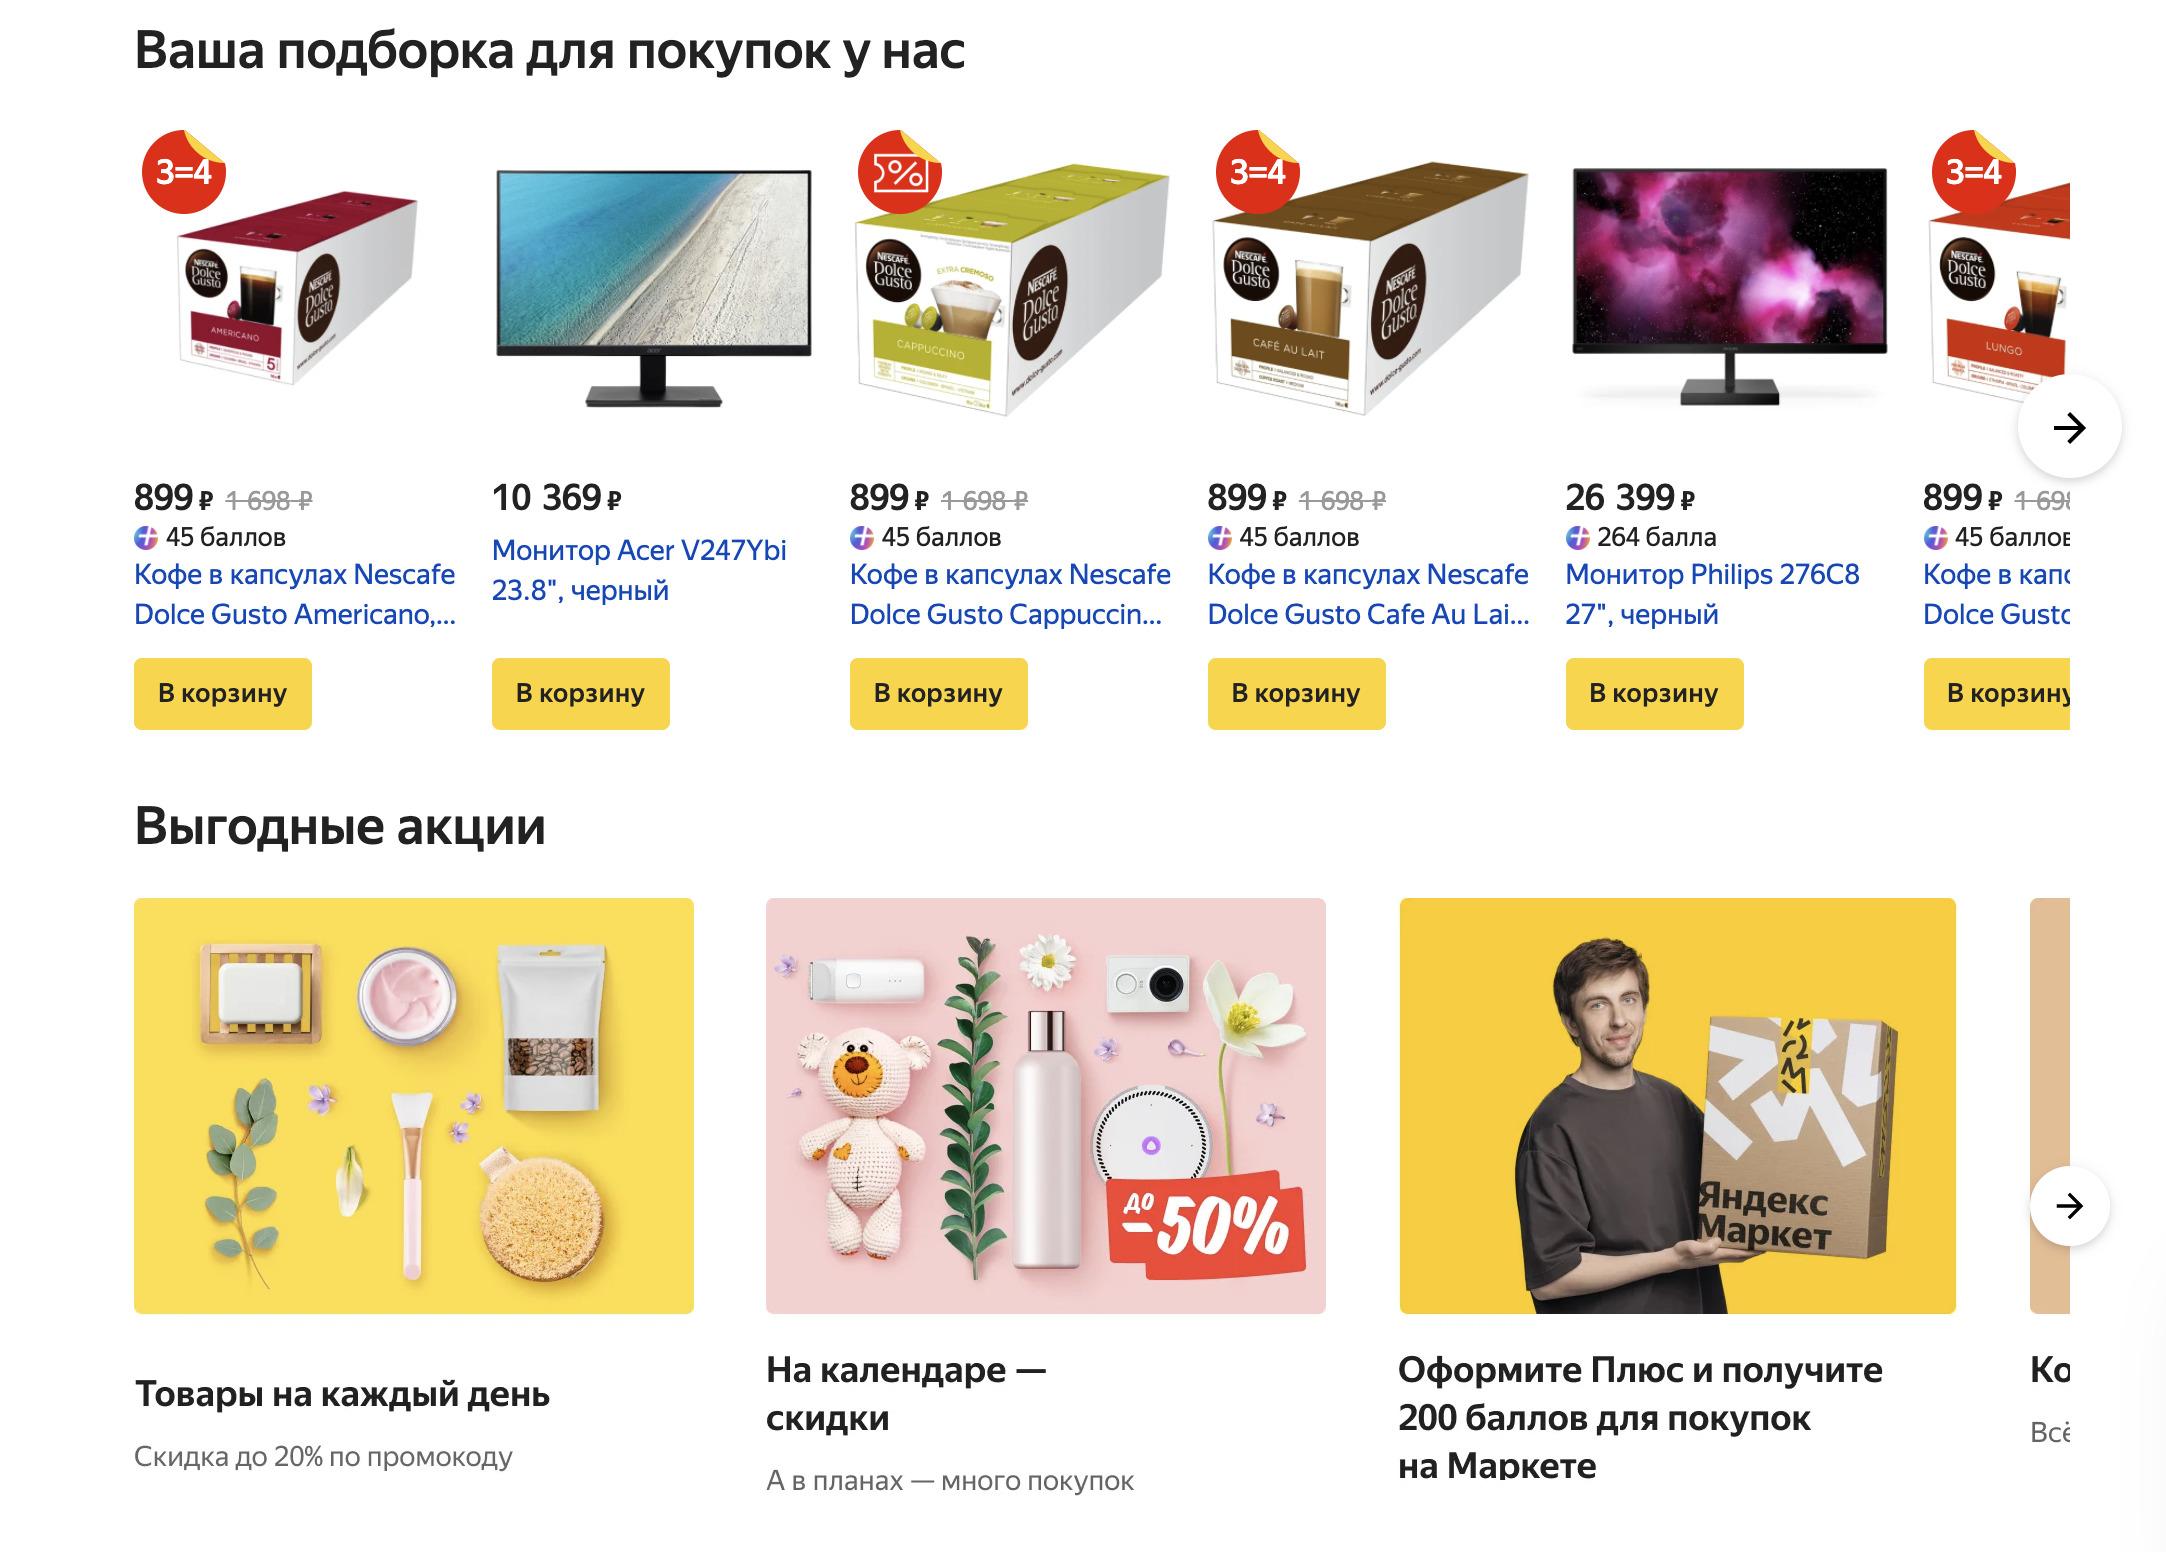 Доставка из Яндекс.Маркет в Октябрьский, сроки, пункты выдачи, каталог